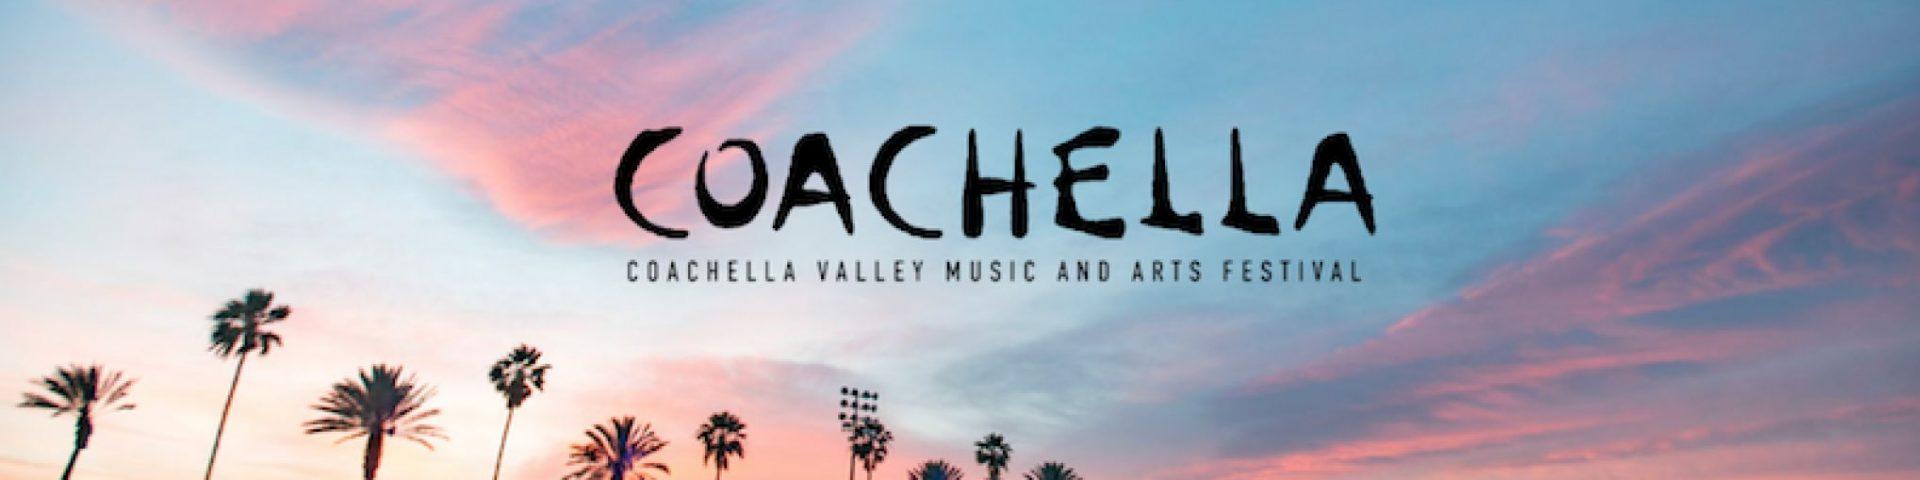 Coachella Festival rimandato ad ottobre?